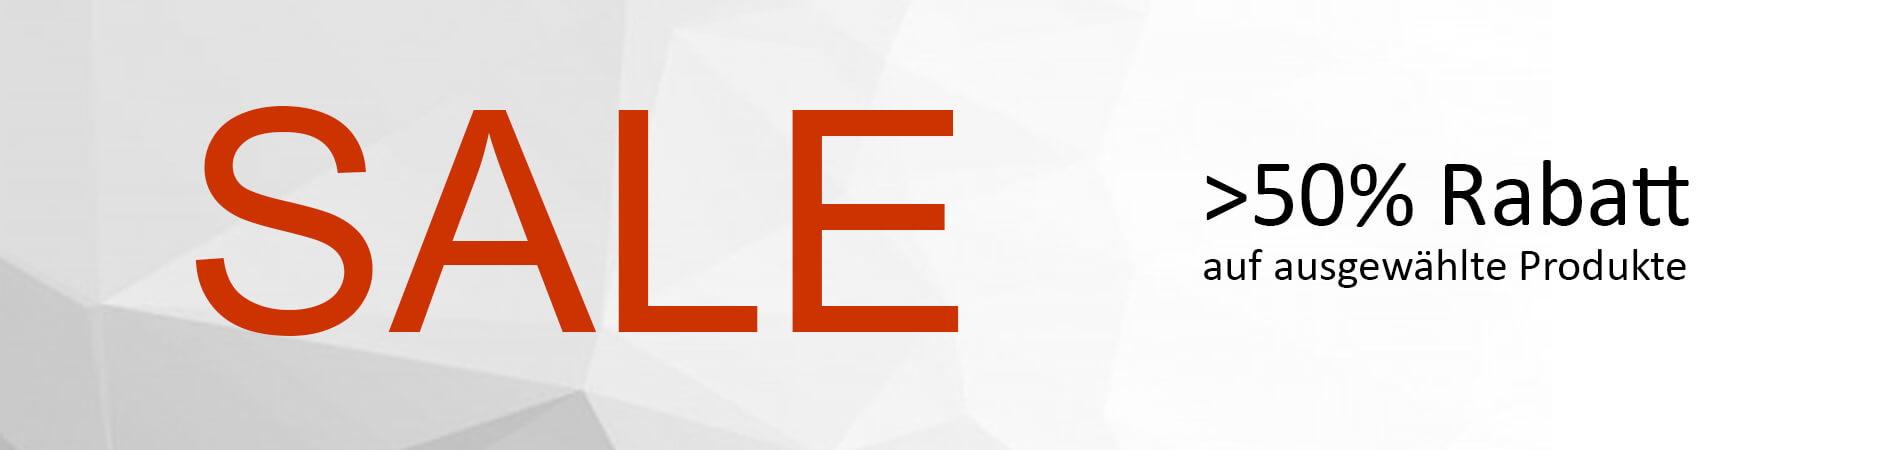 profi Shop SALE